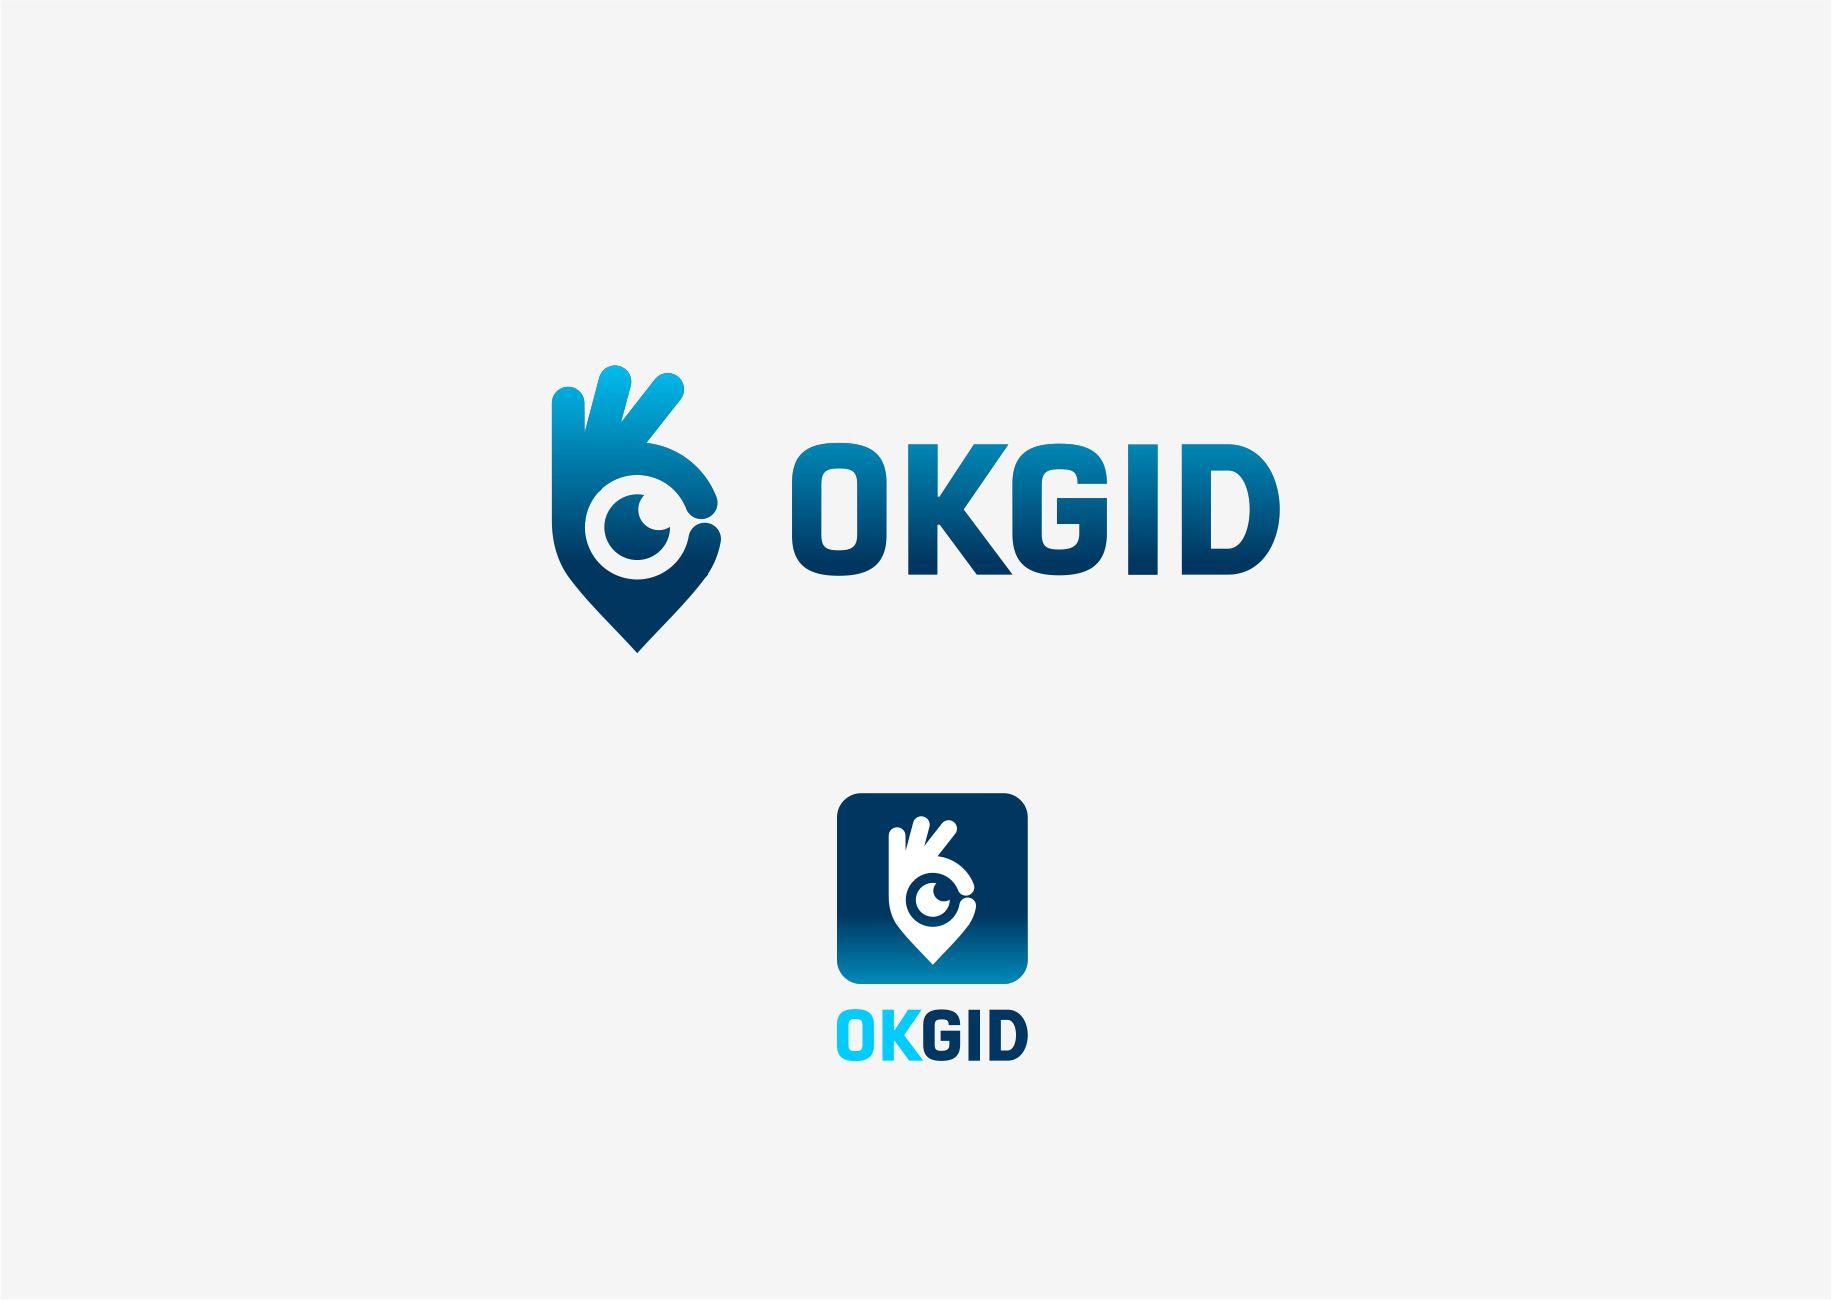 Логотип для сайта OKgid.ru фото f_83657cca56702bc8.jpg